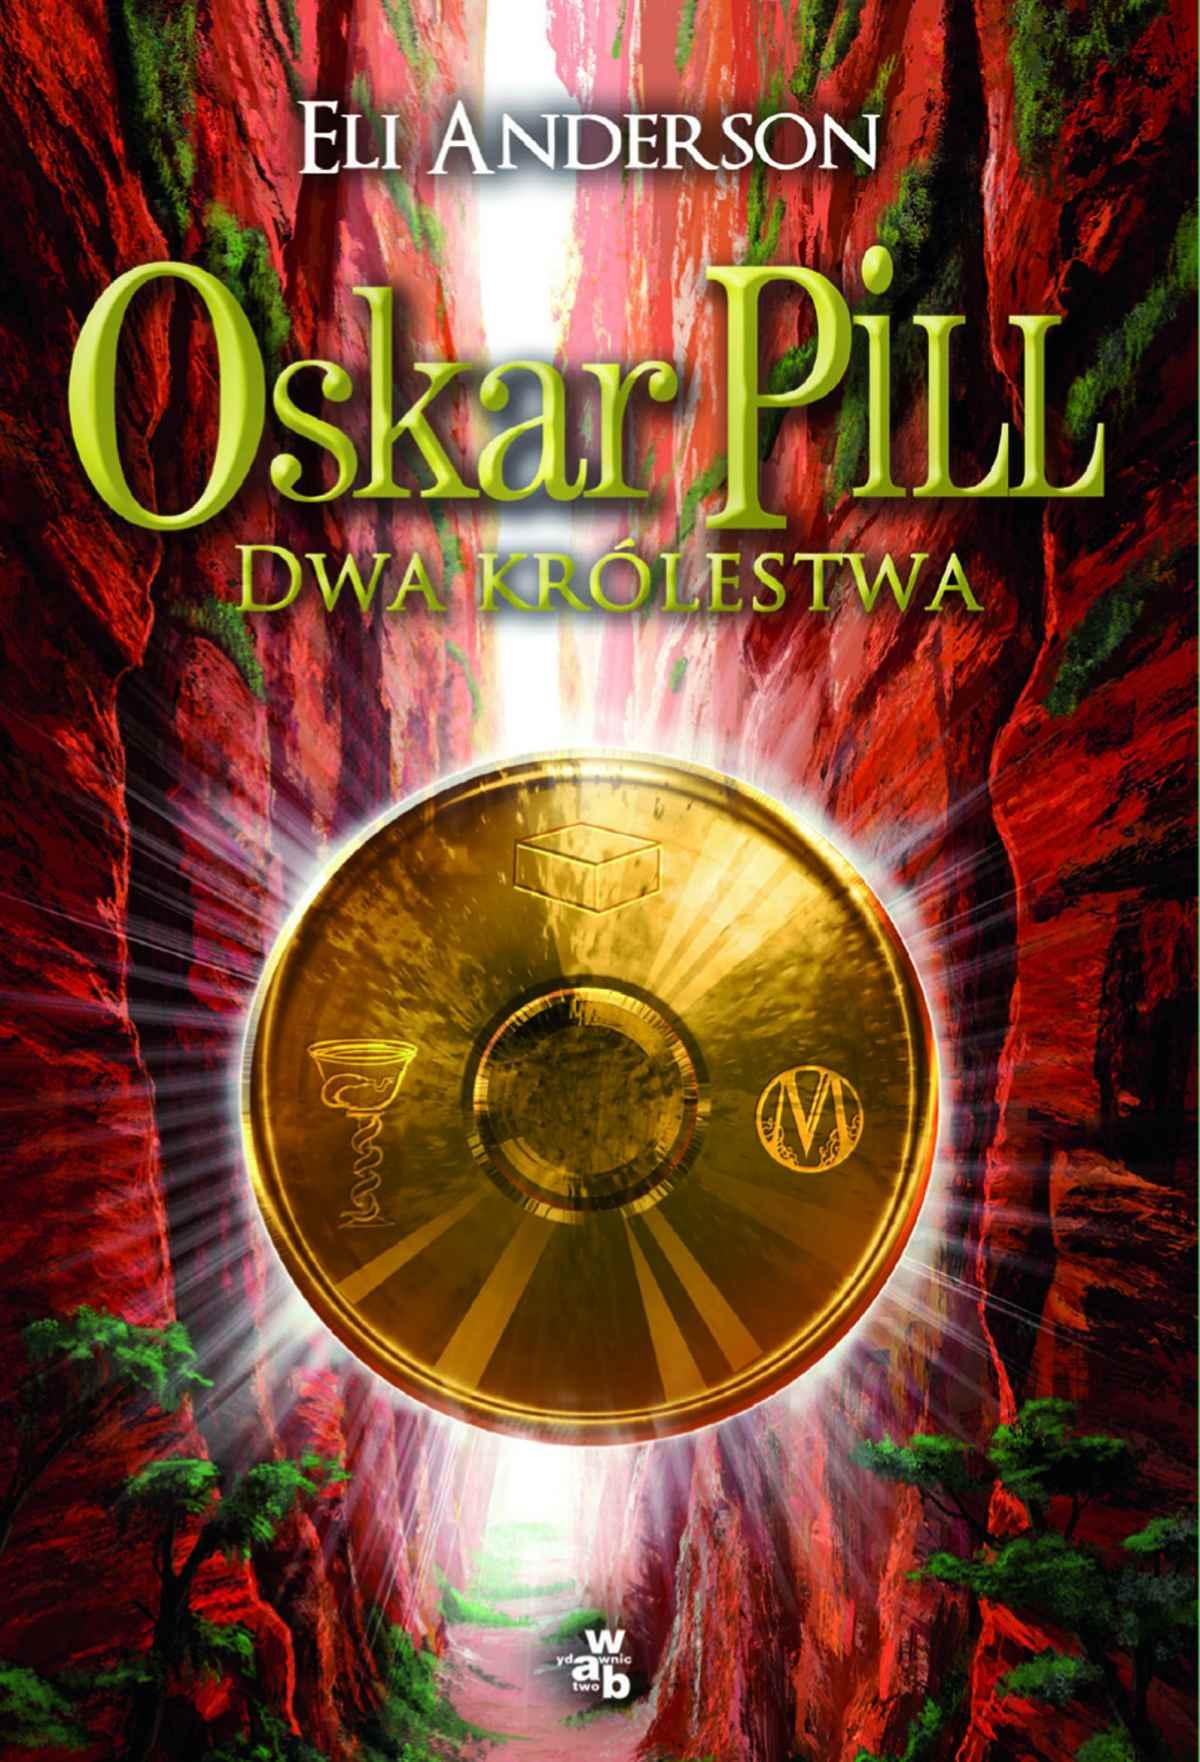 Oskar Pill. Dwa królestwa - Ebook (Książka EPUB) do pobrania w formacie EPUB